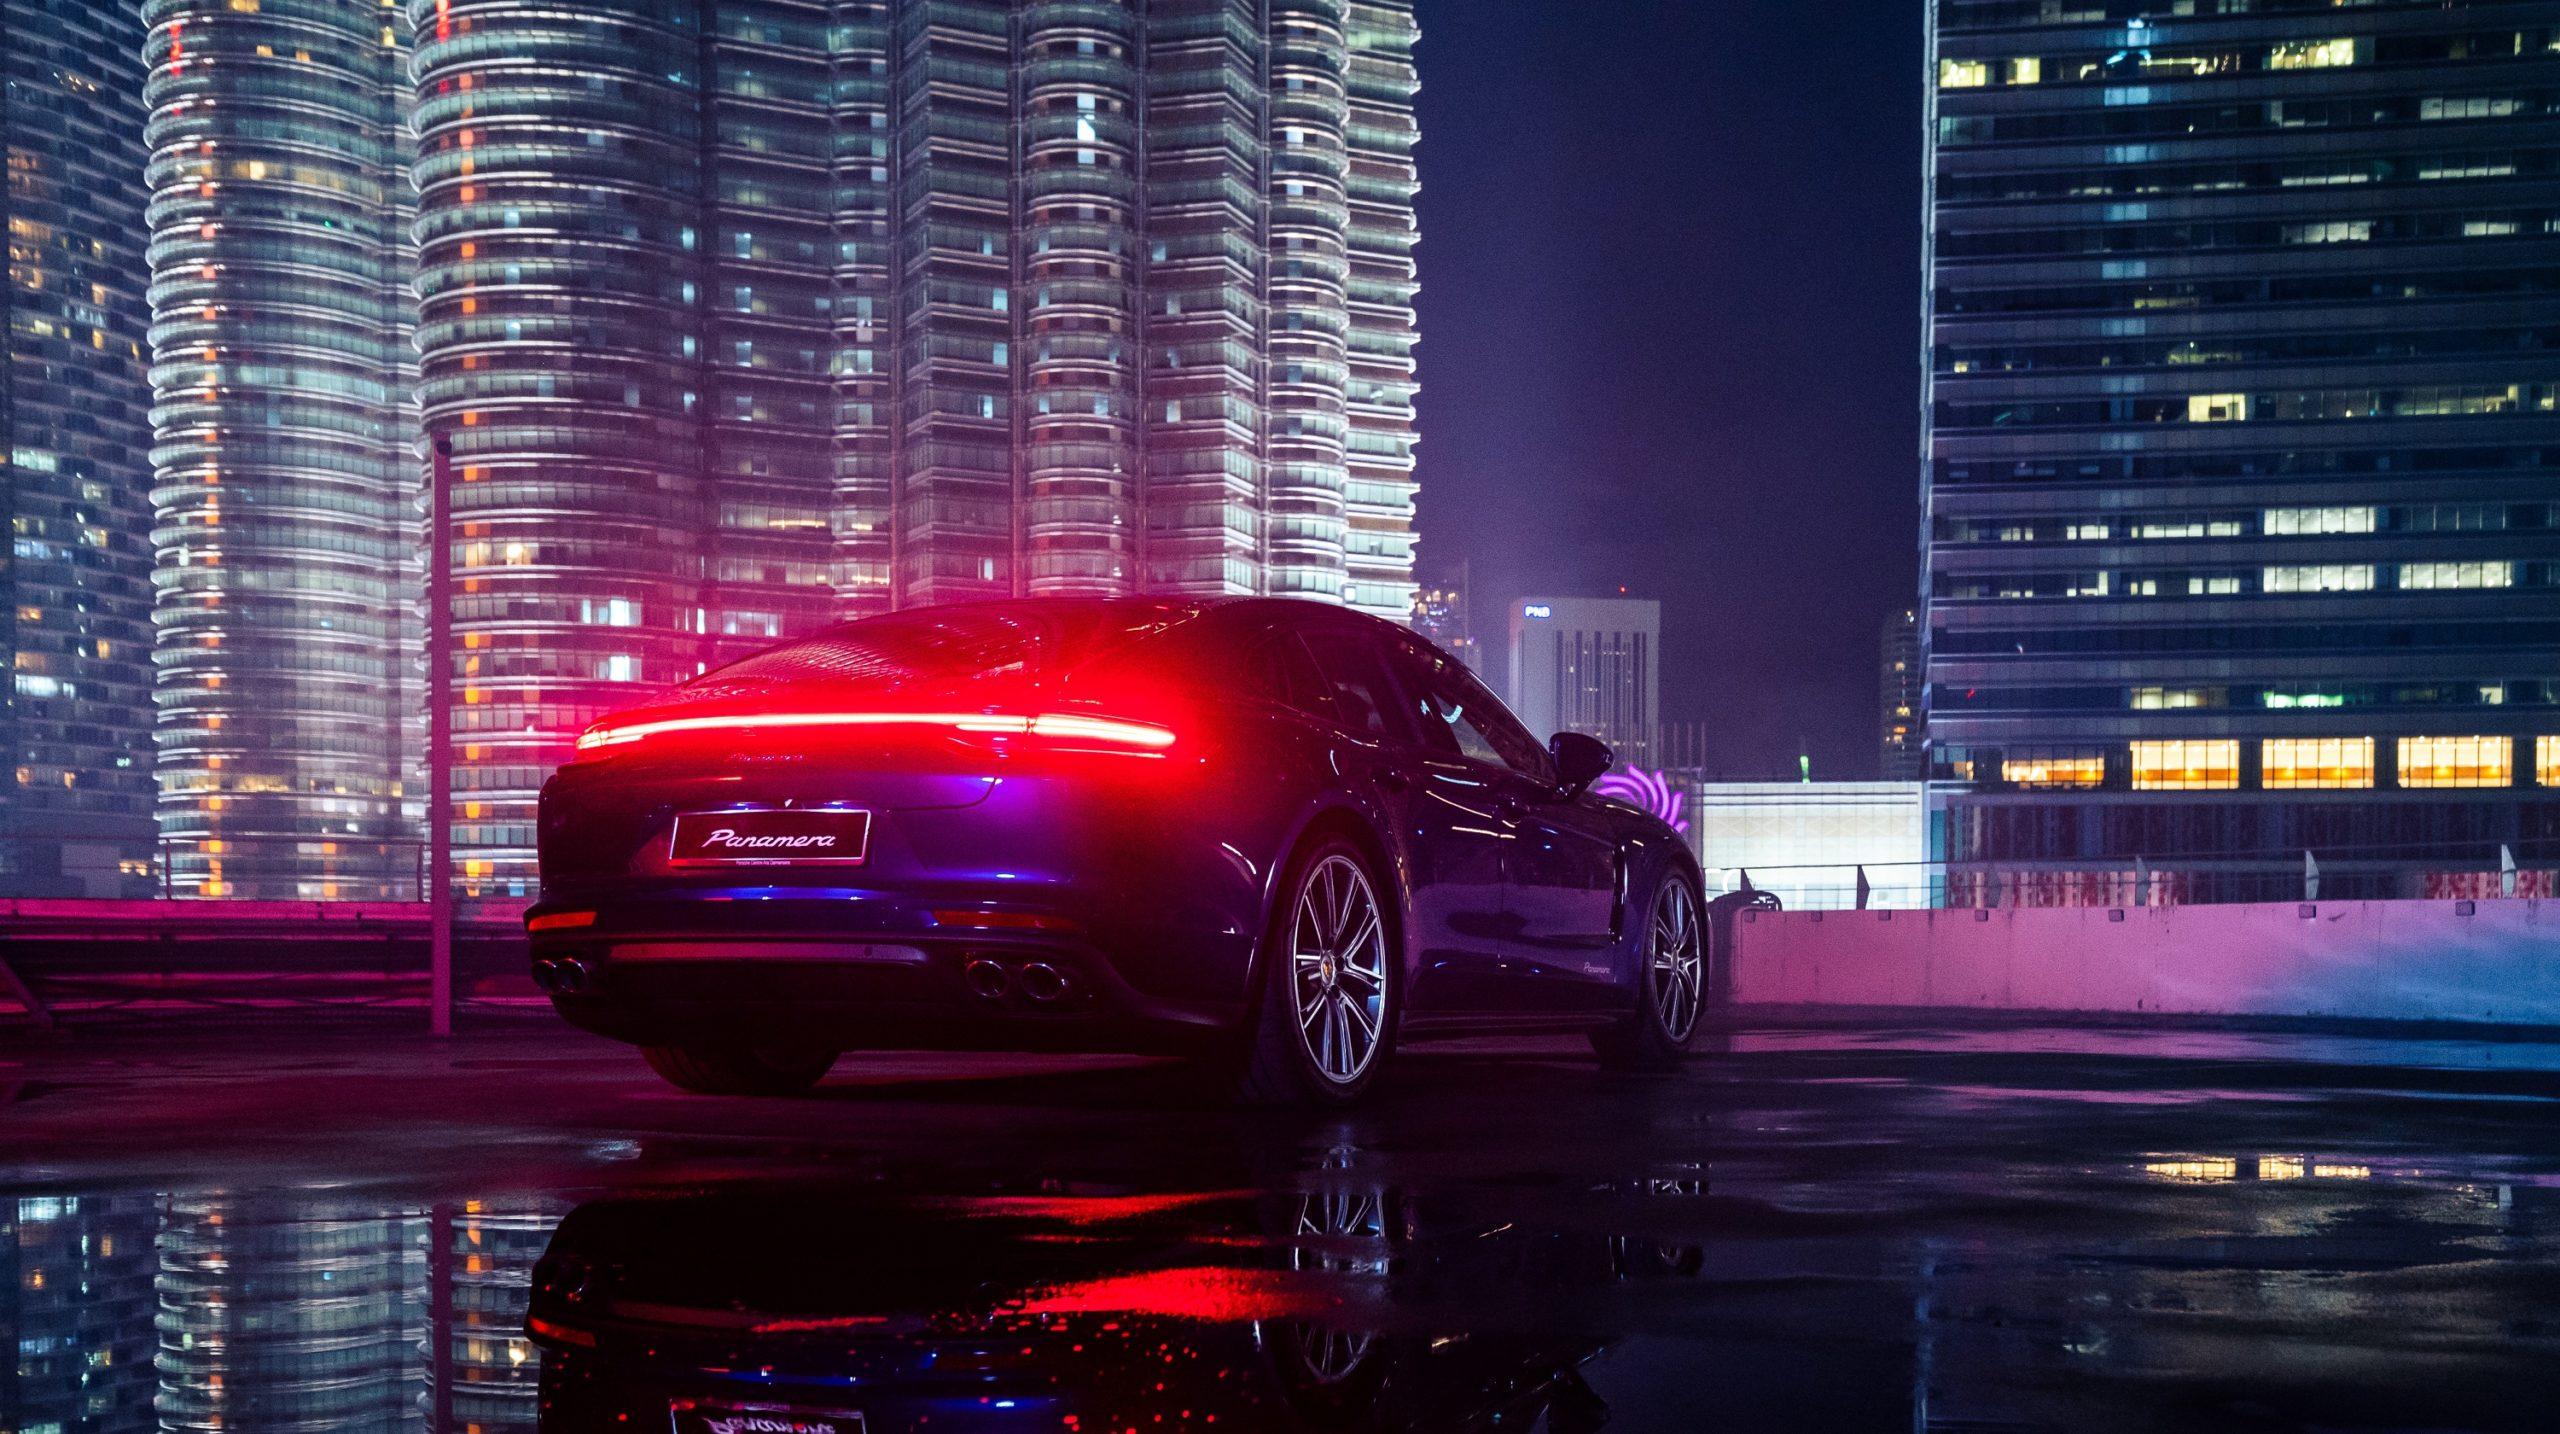 2021 Porsche Panamera : Fresh updates for the '4 Door 911'